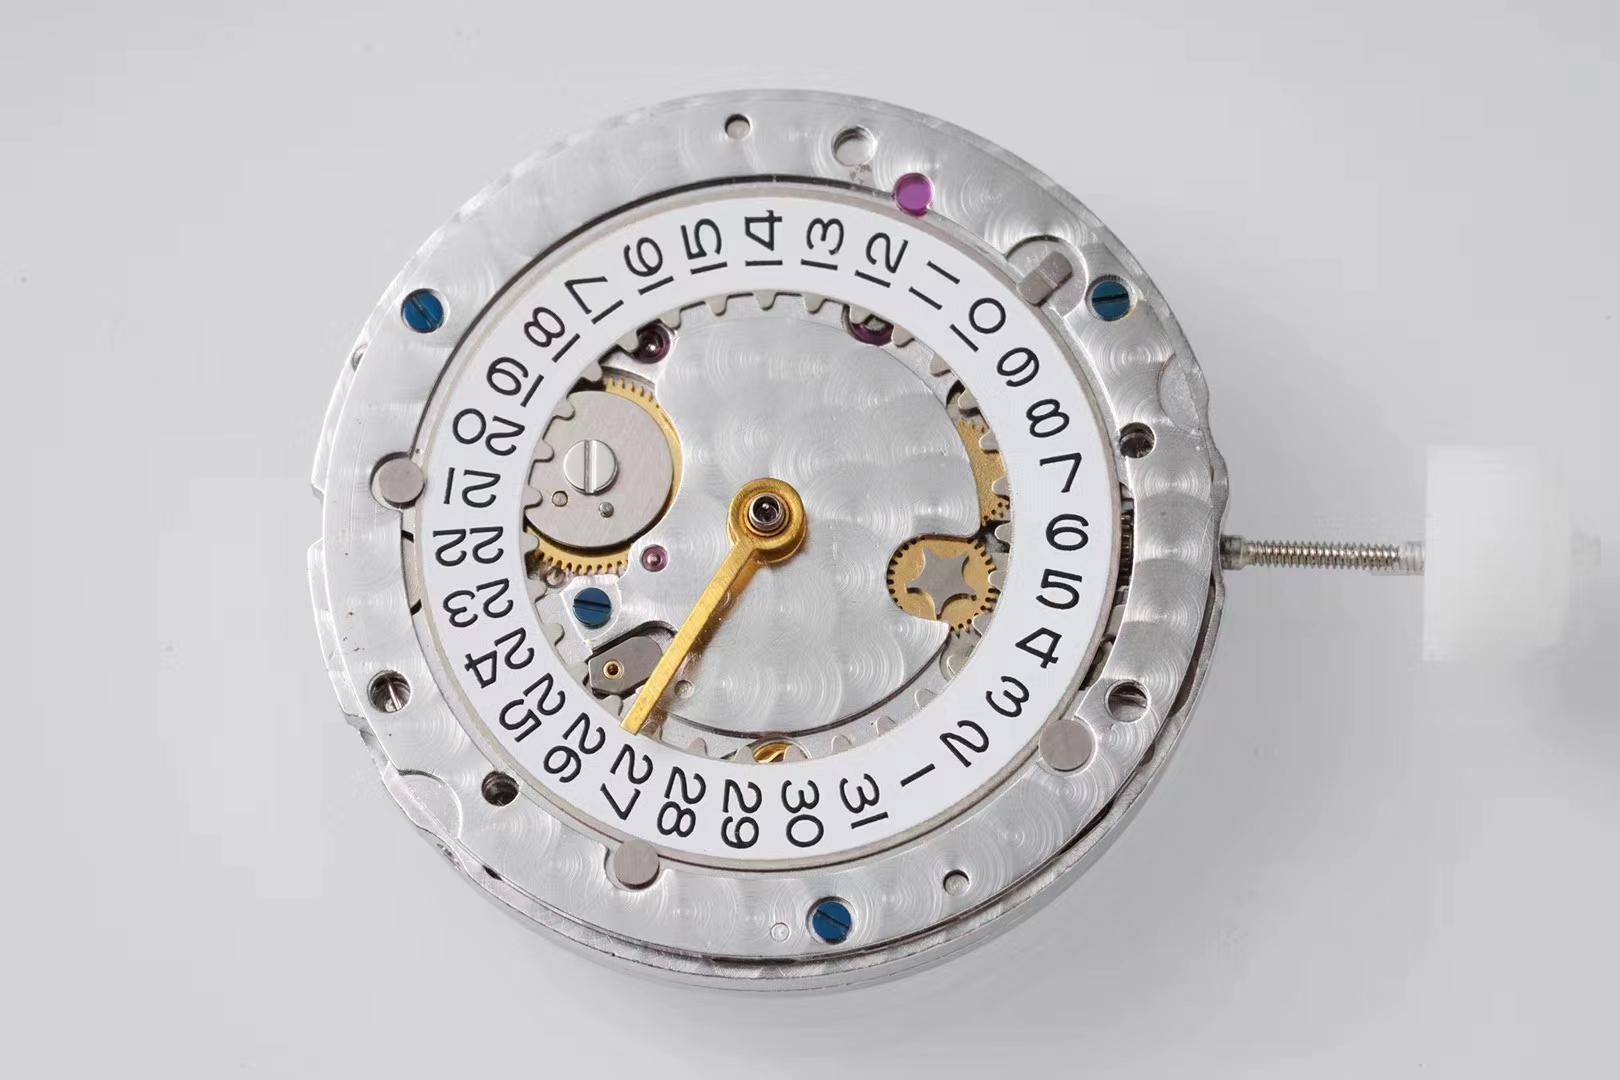 ZZF Maker Süper Kalite 904 Çelik İzle Cal.3135 Hareketi 40mm x 12.6mm 116610 Seramik Cerachrom Mekanik Otomatik Erkek erkek Saatler